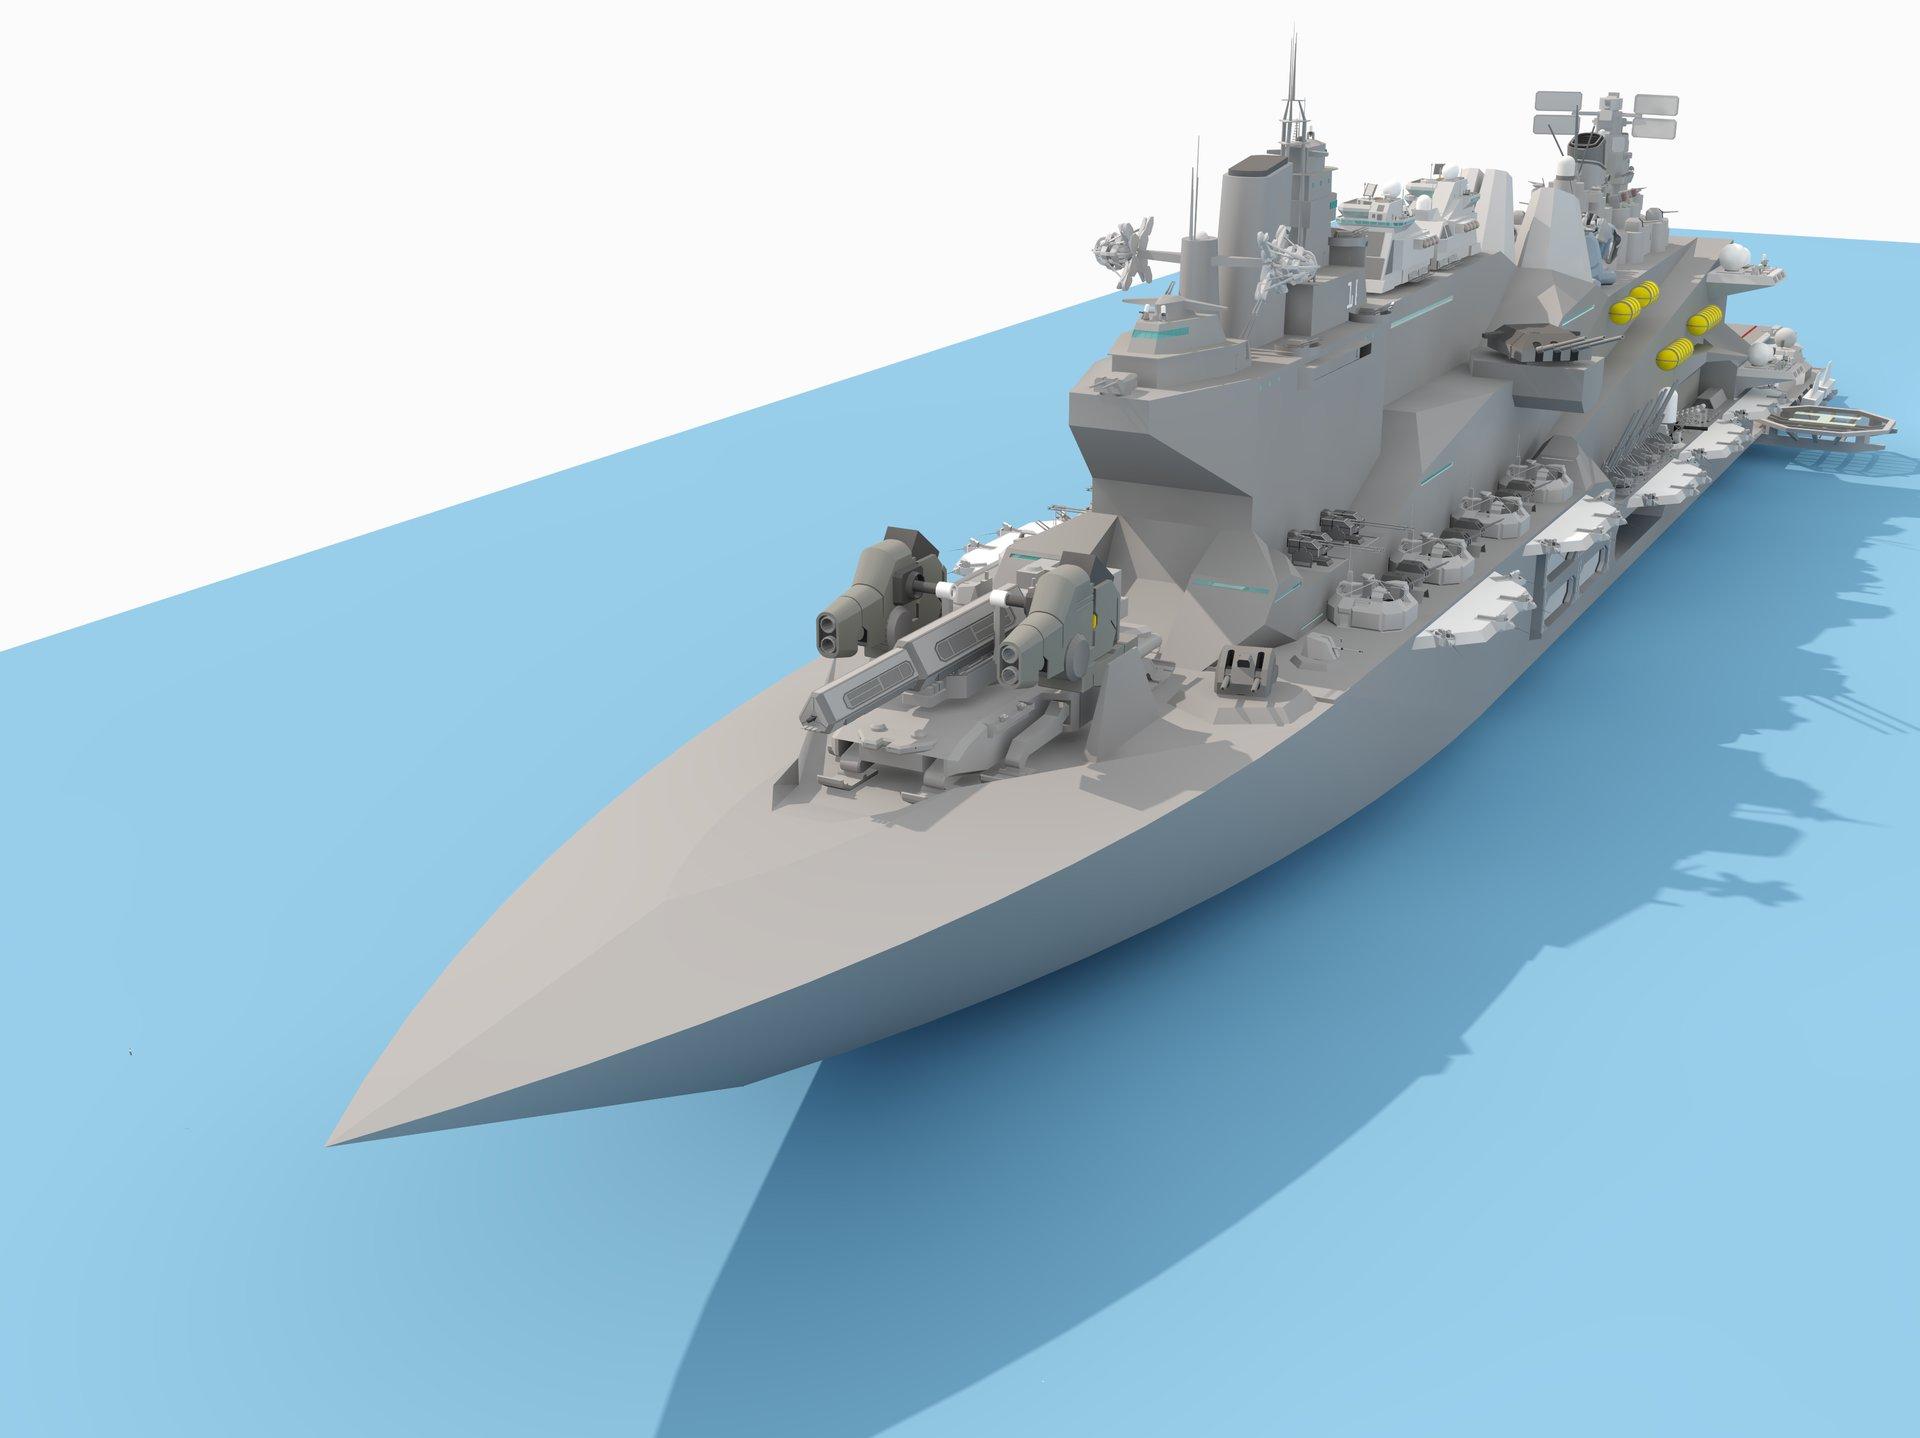 Cristian bruno half destroyer 2014 09 13 21112600000